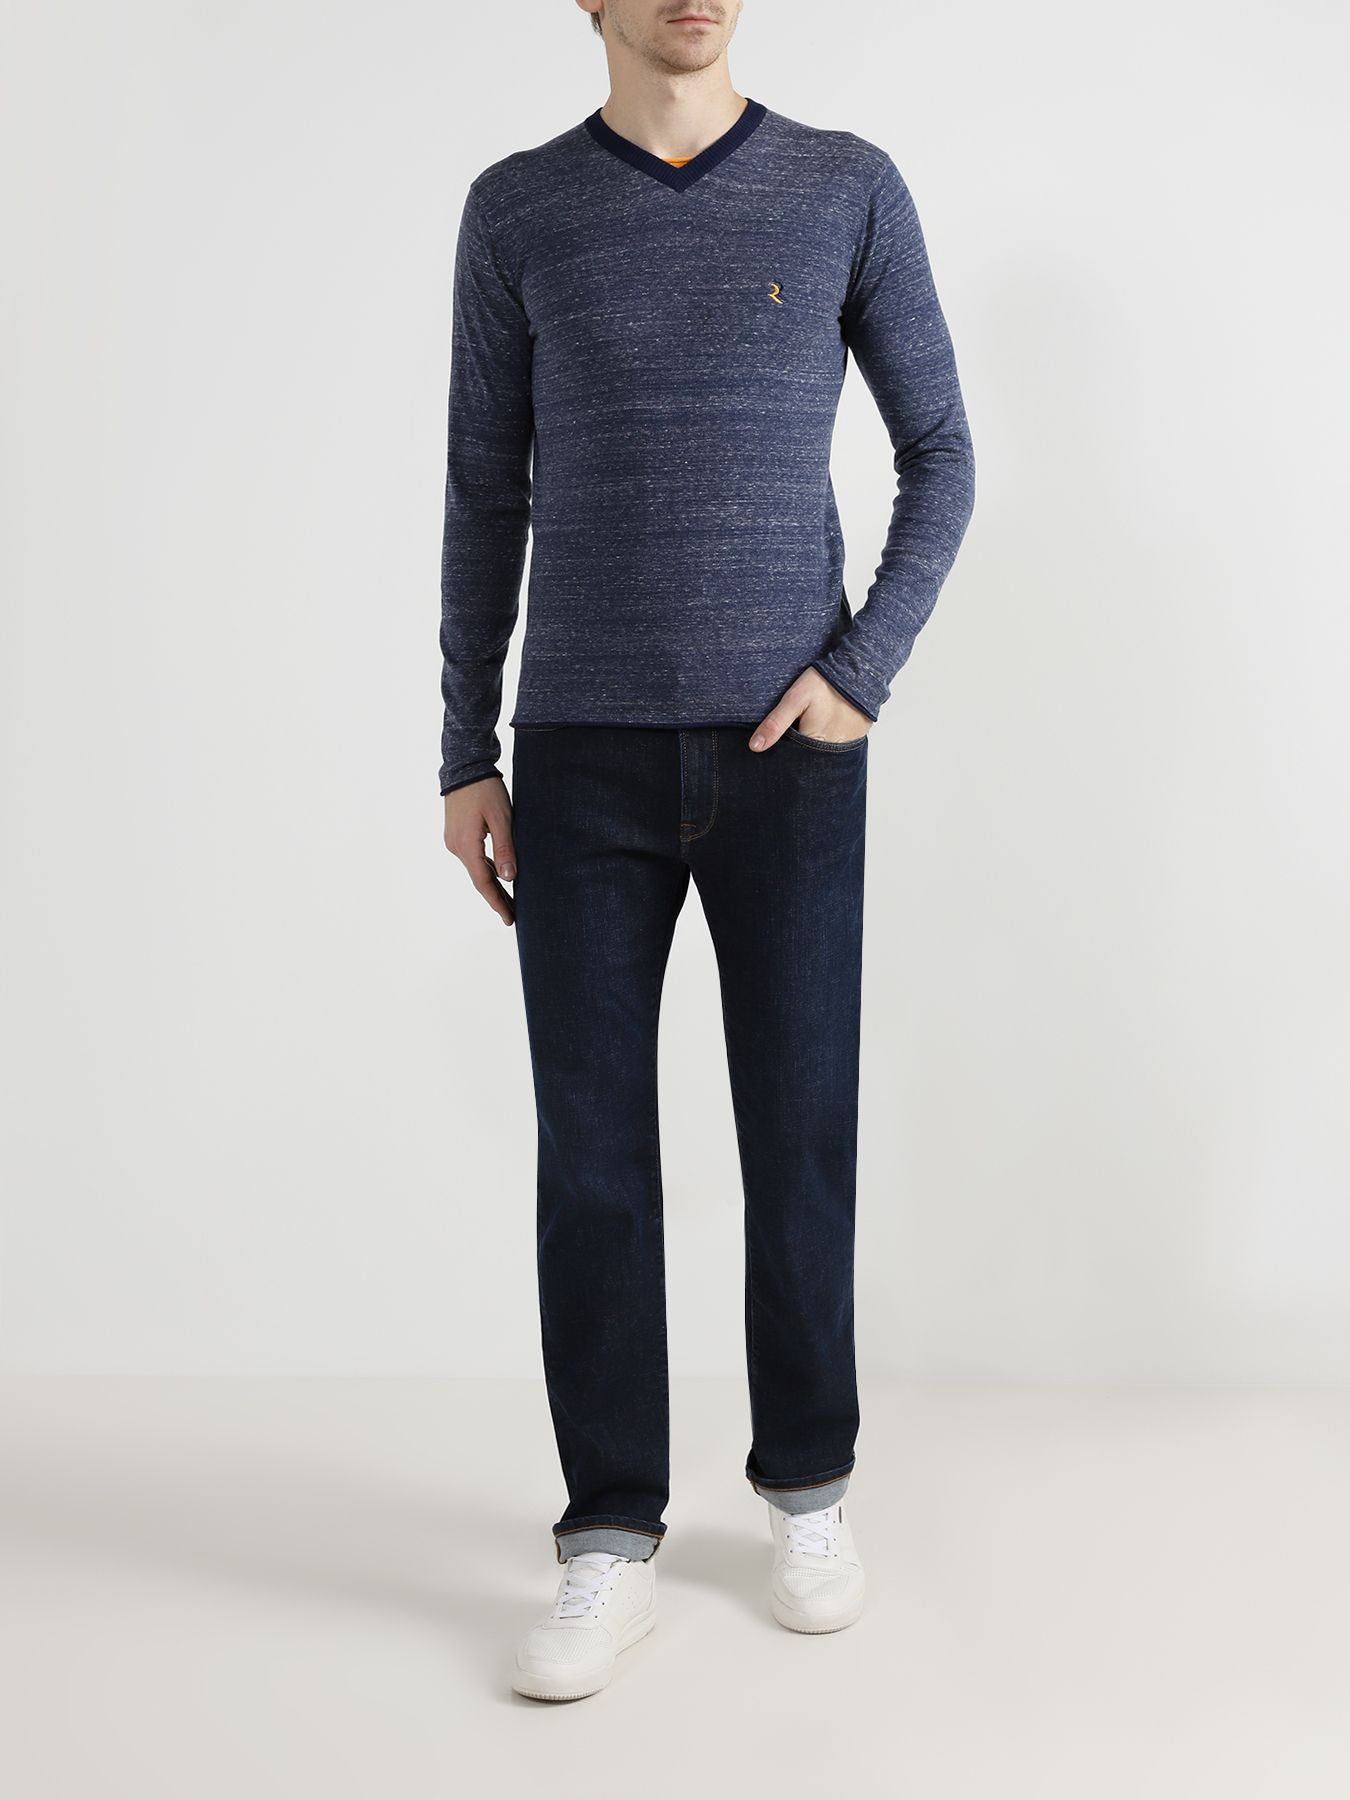 Джемпер Ritter Пуловер пуловер stradivarius stradivarius ix001xw004xq